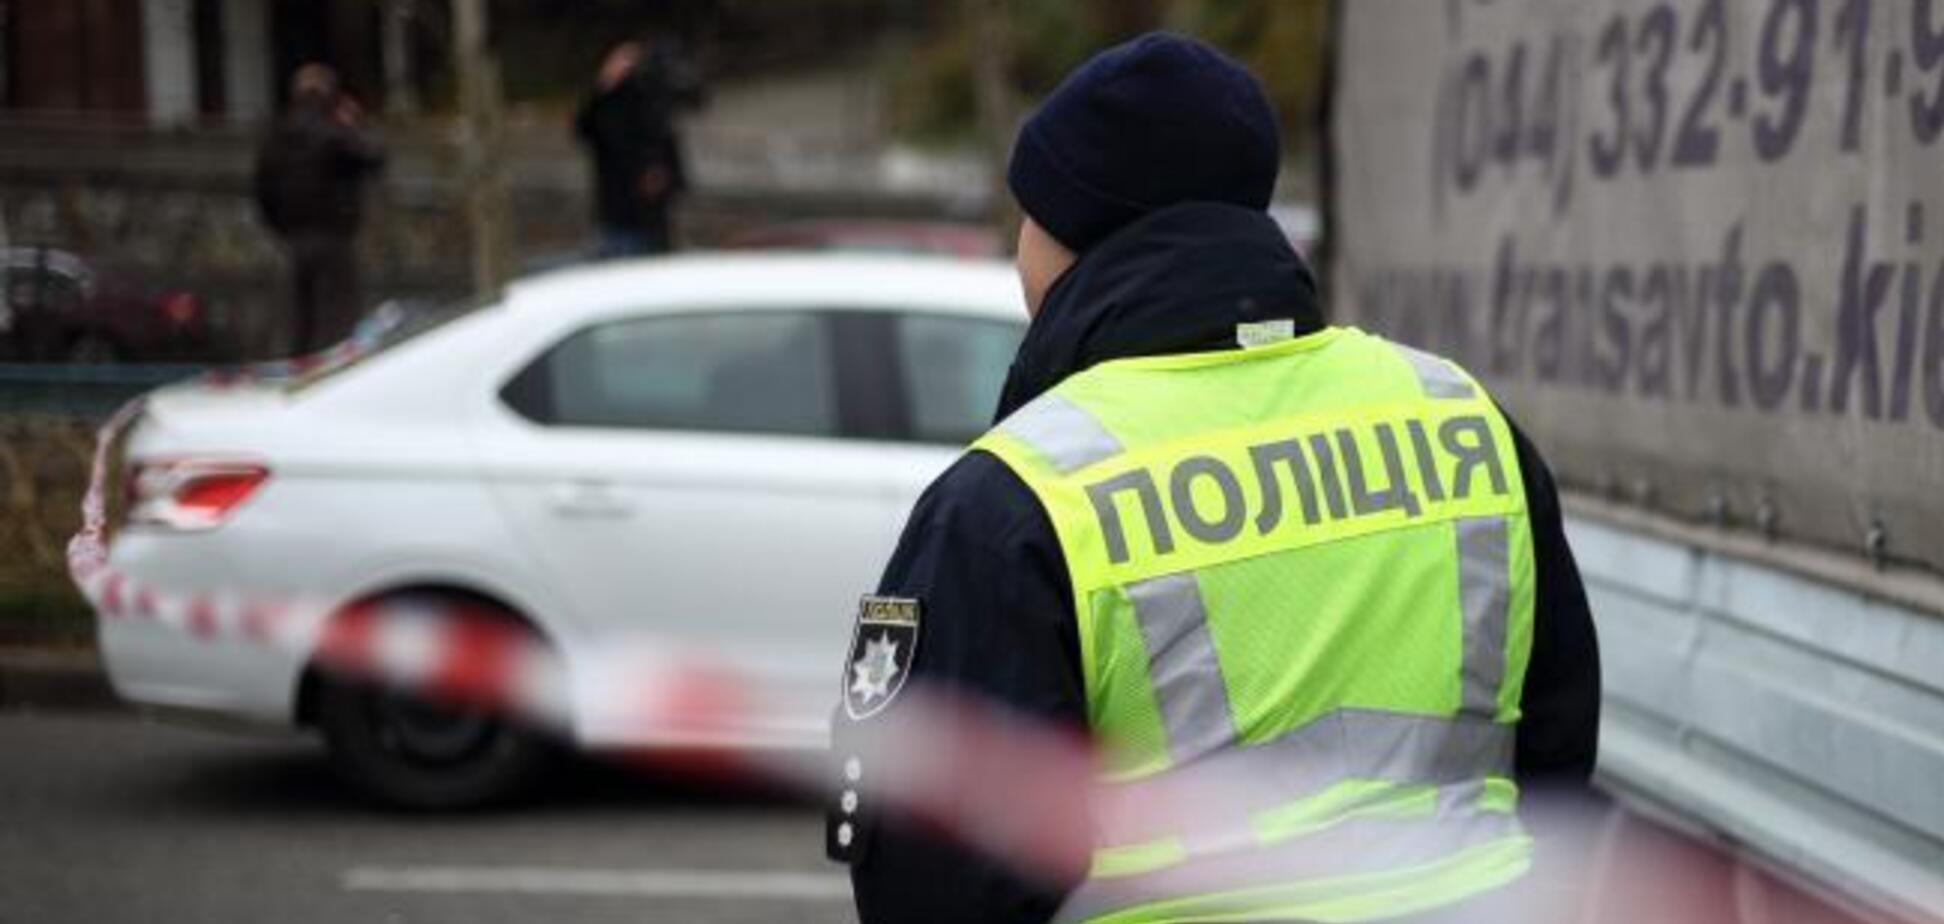 Відрізали палець та роздерли вуха: у Києві знайшли тіло чоловіка поруч із закривавленою жінкою